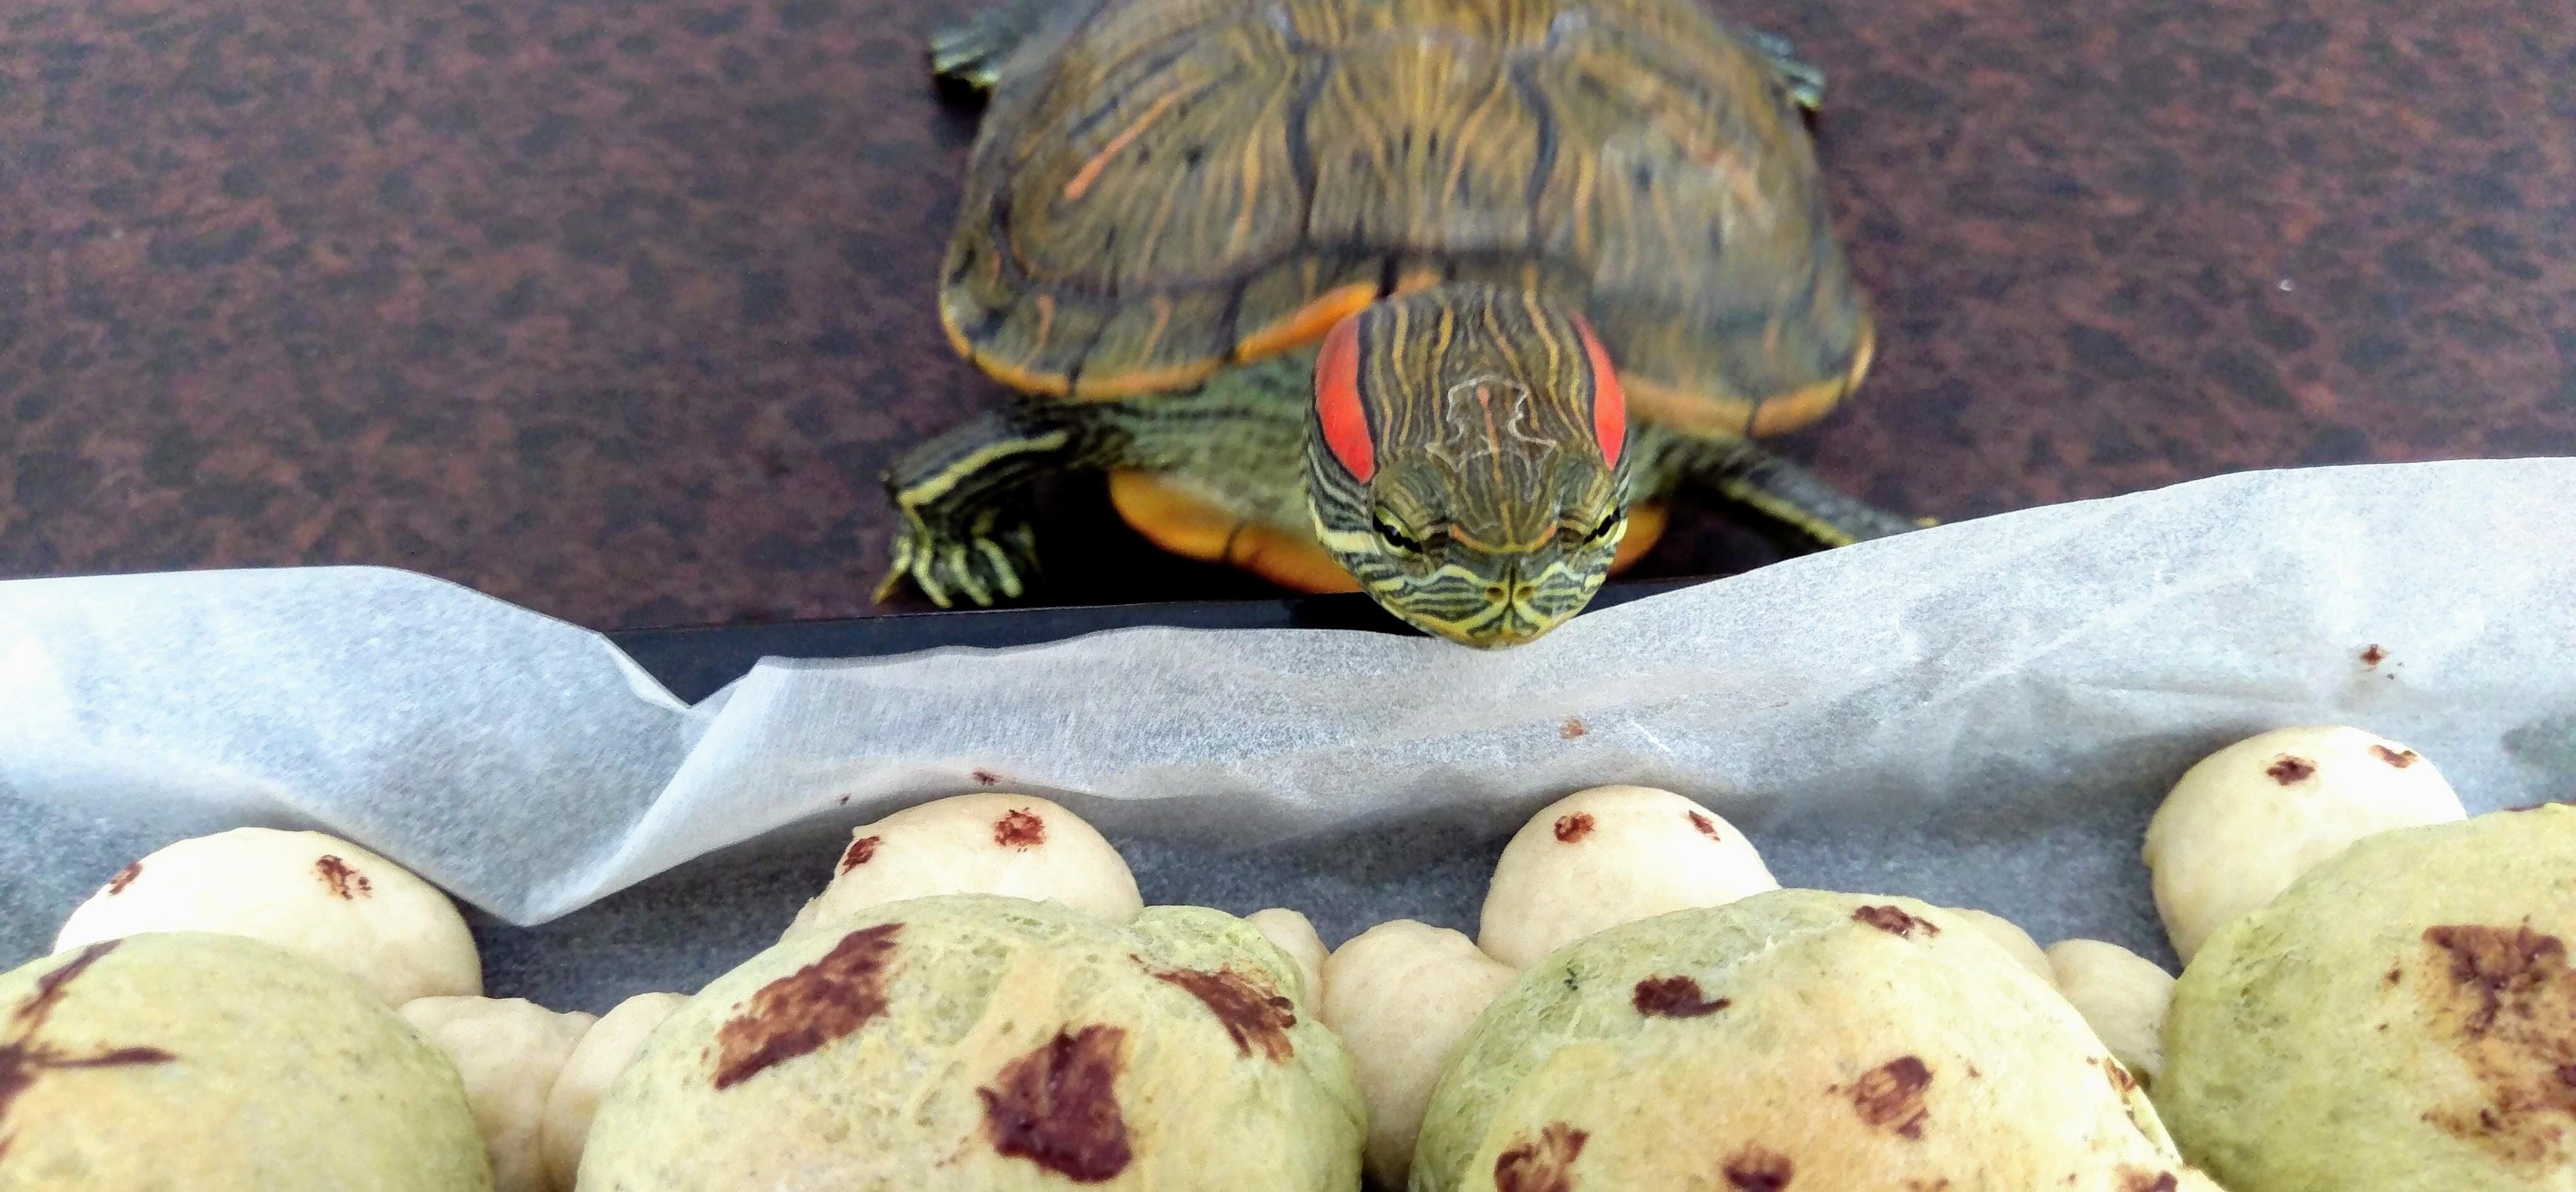 不食人間煙火的龜 𓆉 的個人封面